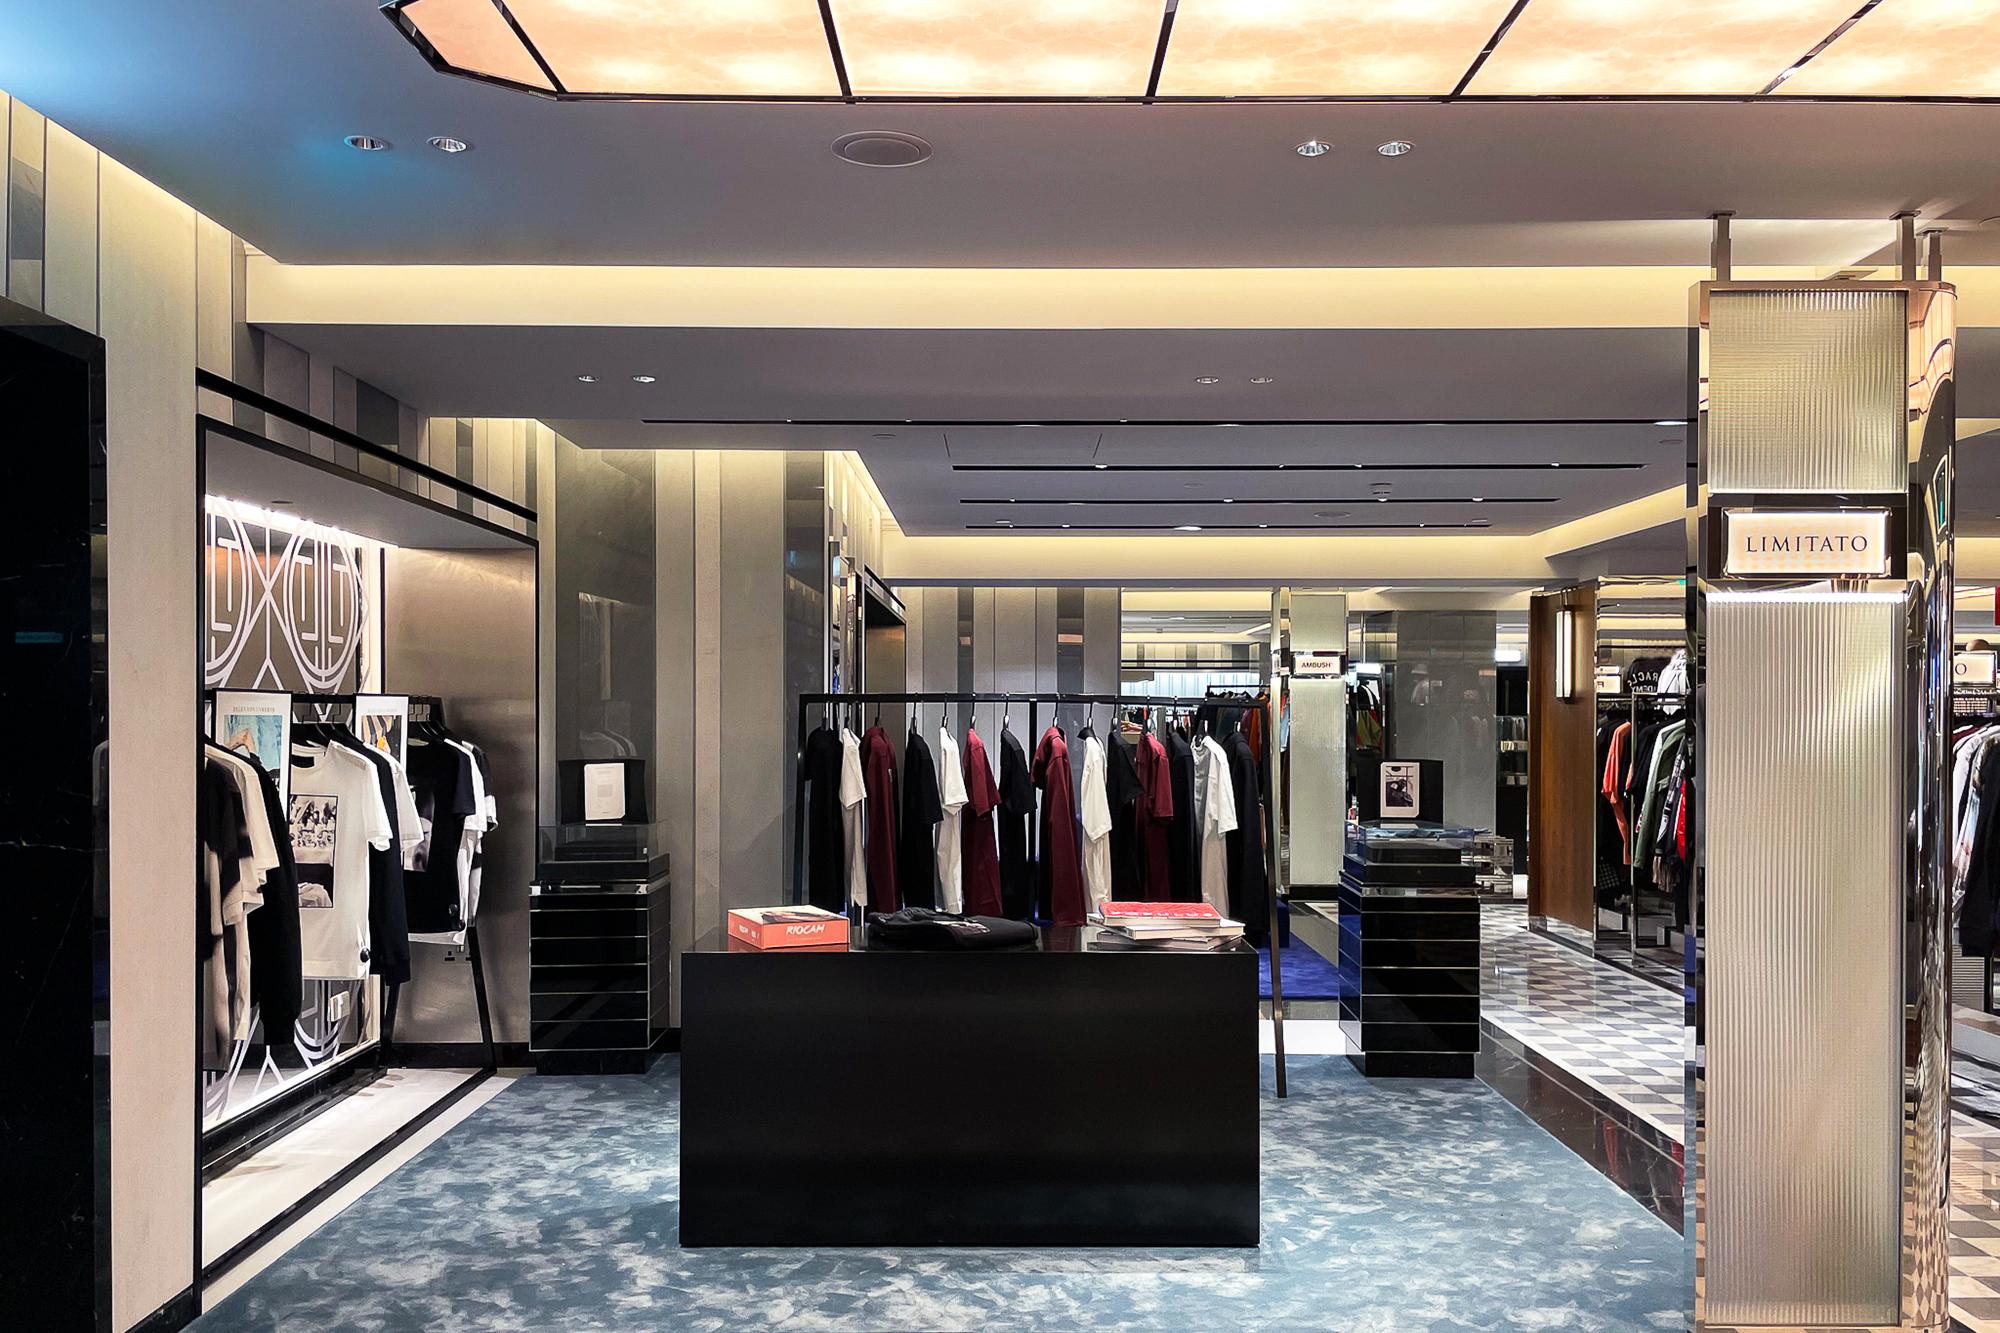 Limitato, Interior design, fashion